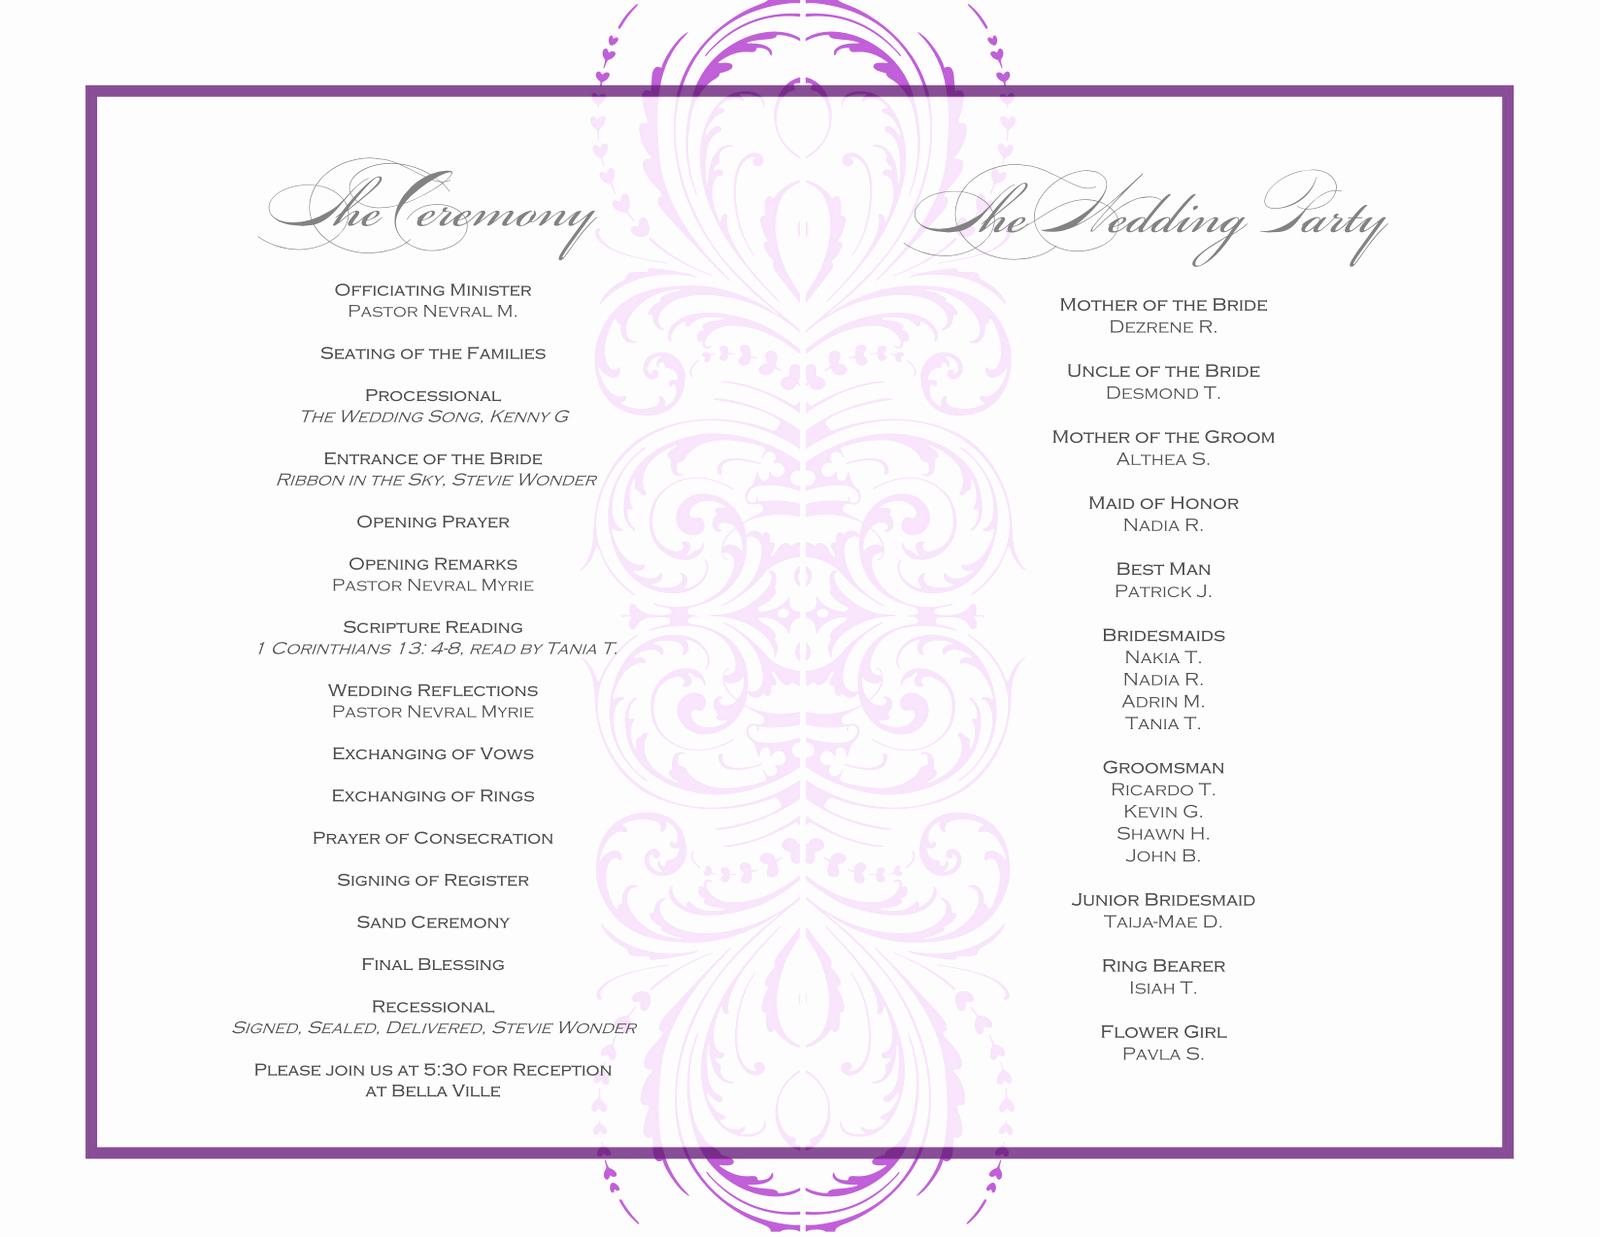 Banquet Program Template Beautiful event Program Template